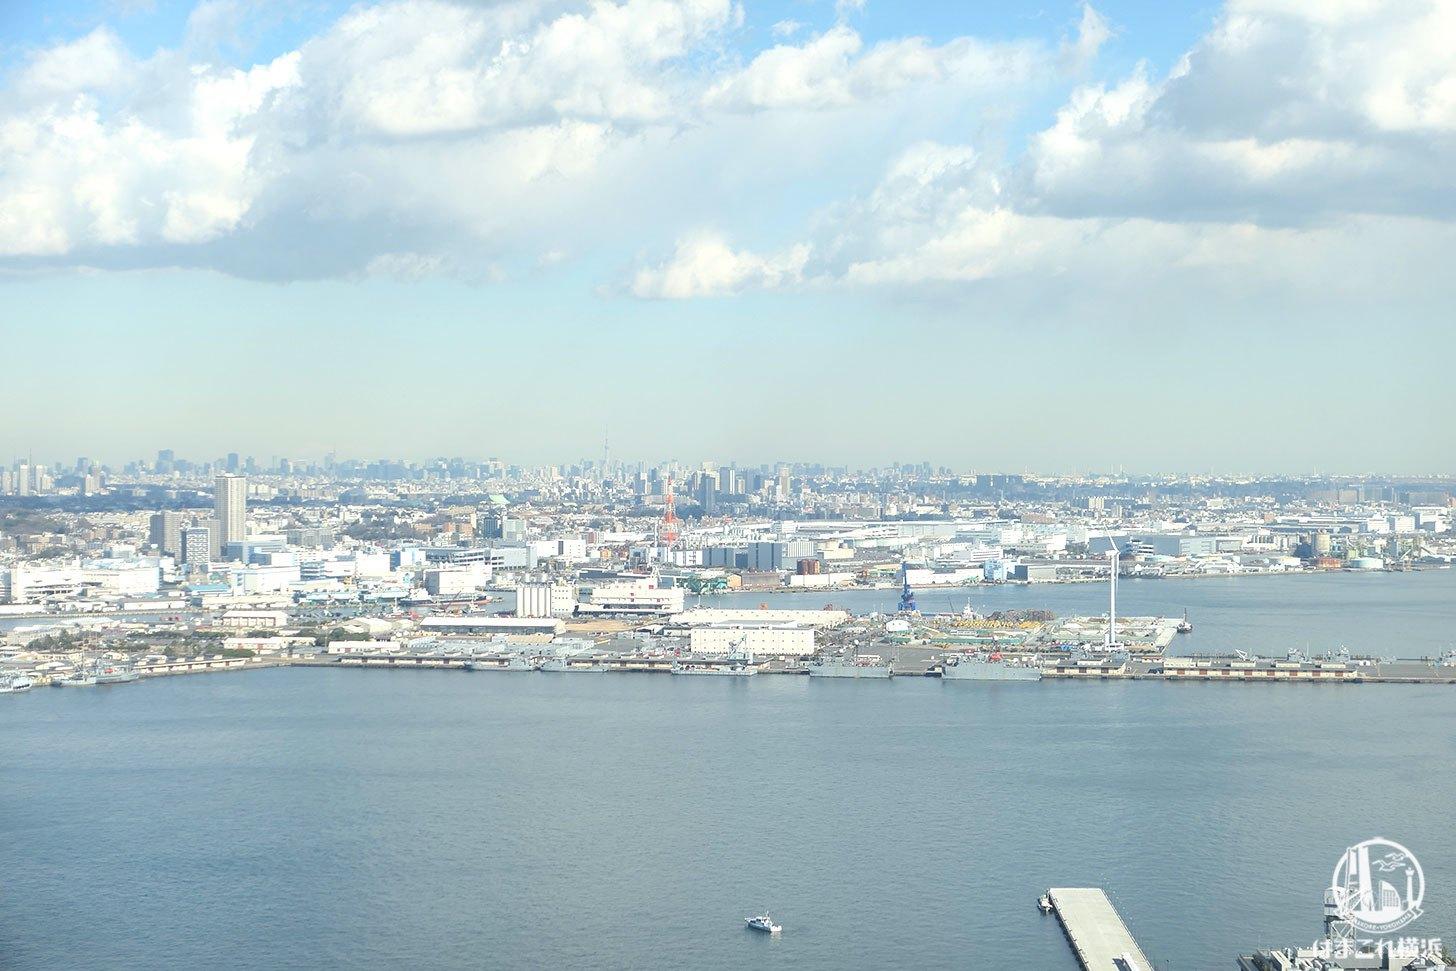 ザ・タワー横浜北仲 無料展望フロアから見た横浜ザ・タワー横浜北仲 無料展望フロアから見た東京スカイツリー